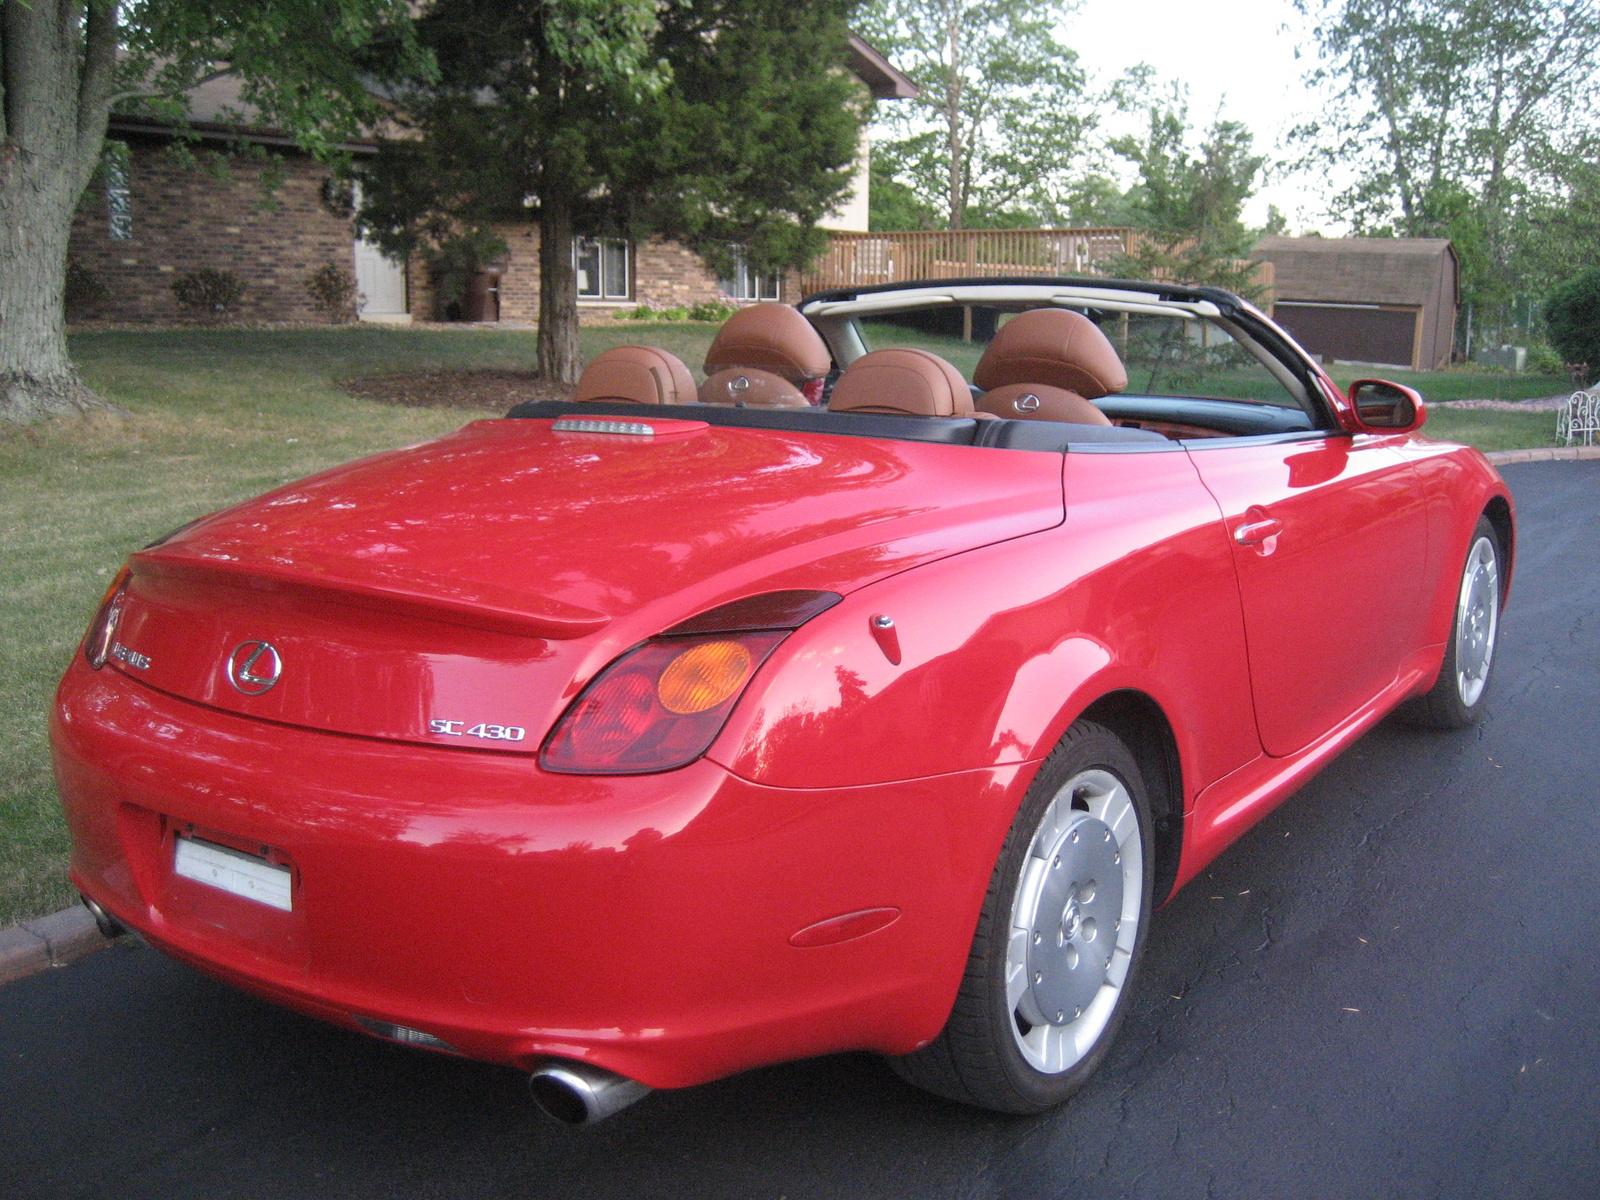 Chevrolet Dealers In Sc >> 2003 Lexus SC 430 - Pictures - CarGurus